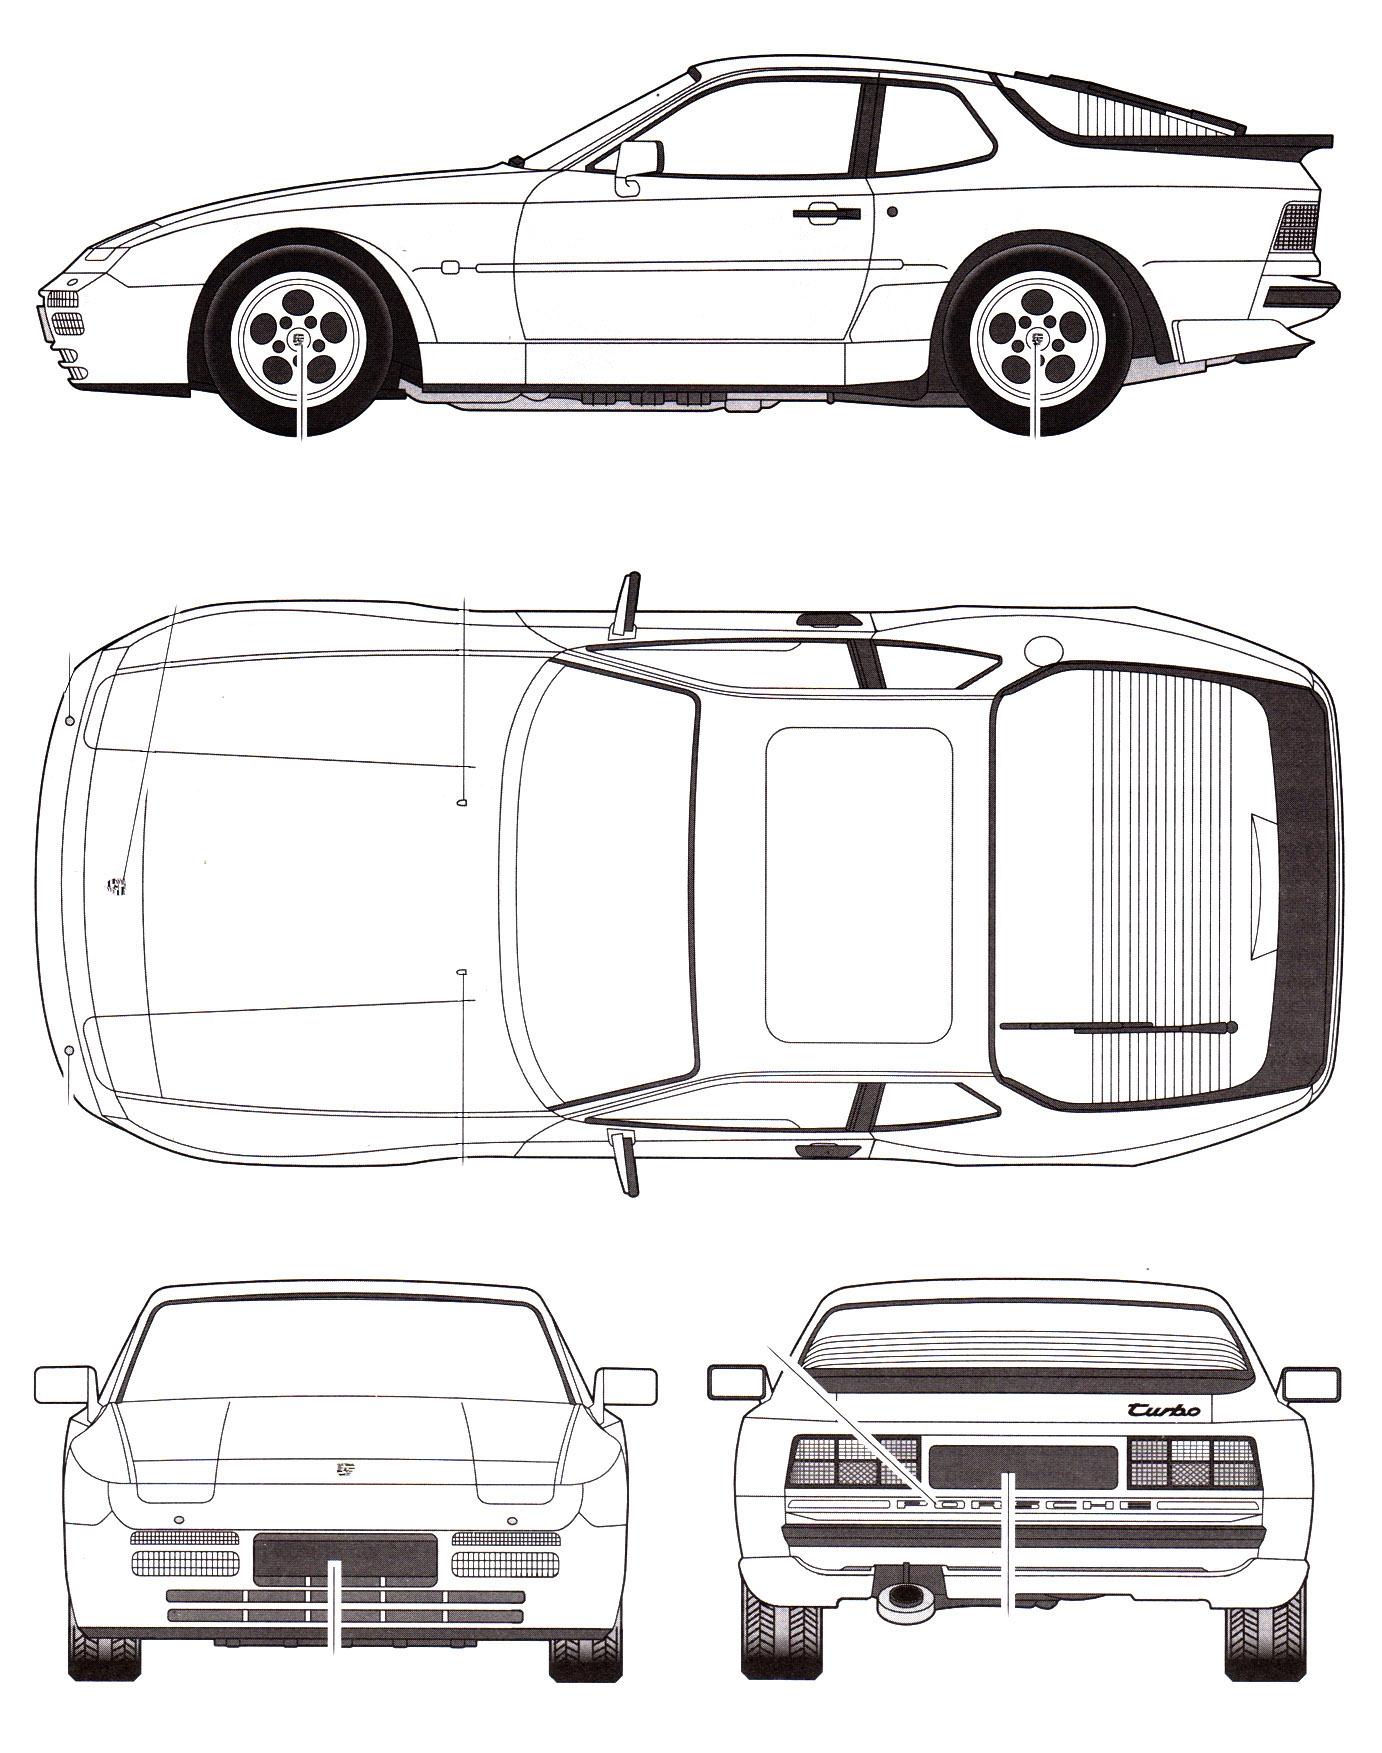 Porsche 944 blueprint